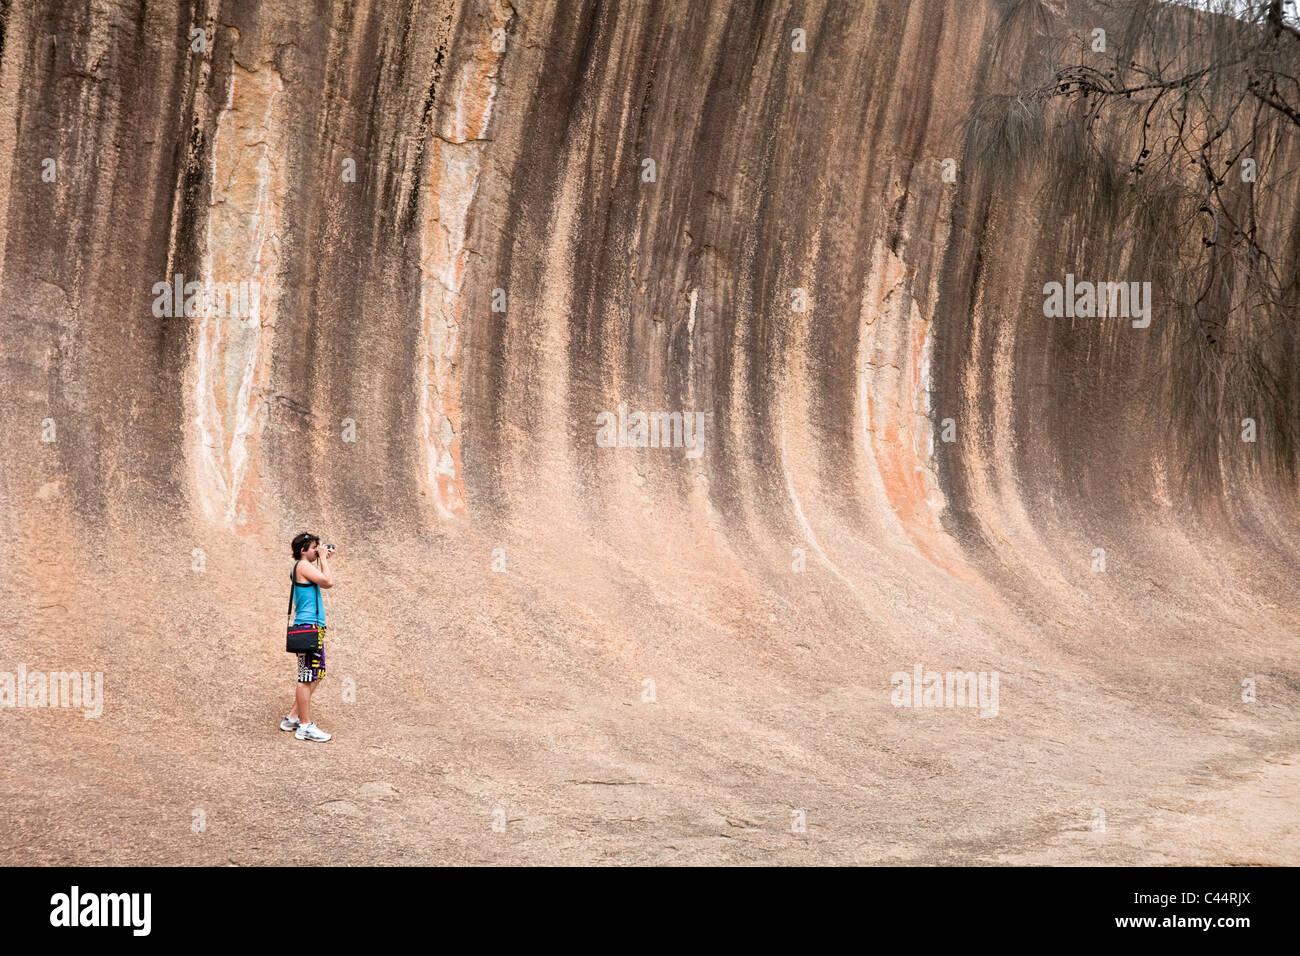 Turistico a Wave Rock - una formazione rocciosa naturale nei pressi di Hyden, Australia occidentale, Australia Immagini Stock